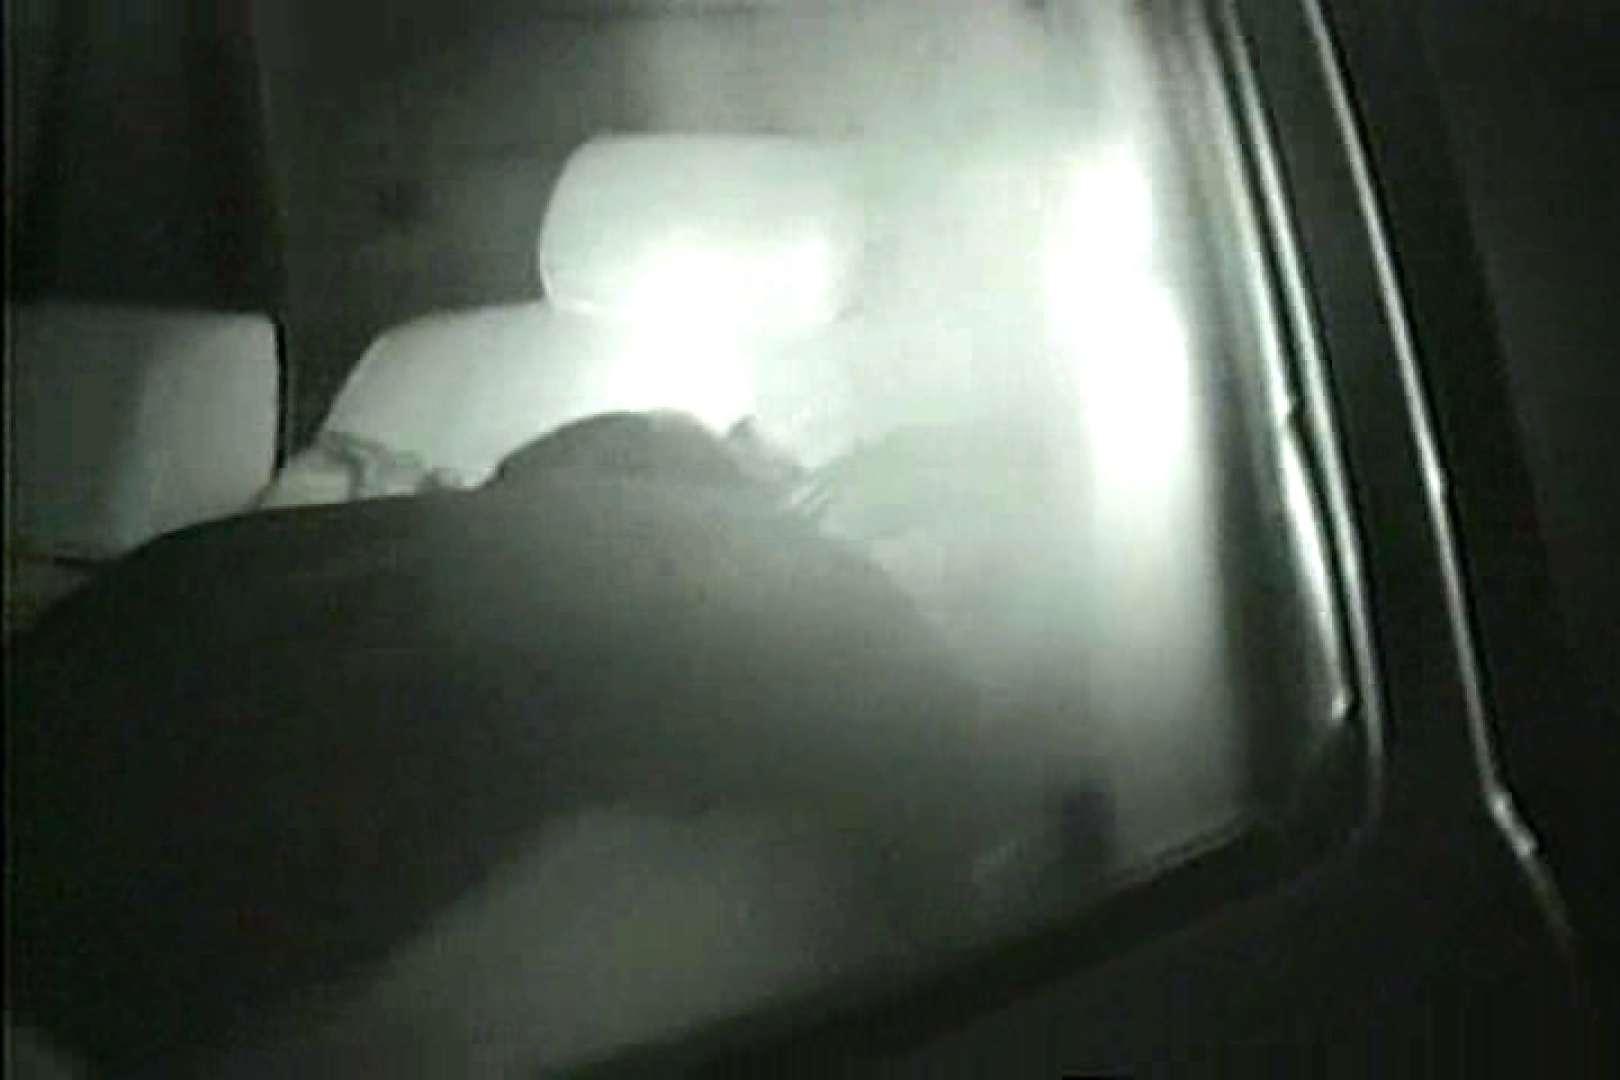 車の中はラブホテル 無修正版  Vol.10 OLの実態 盗撮われめAV動画紹介 33pic 18